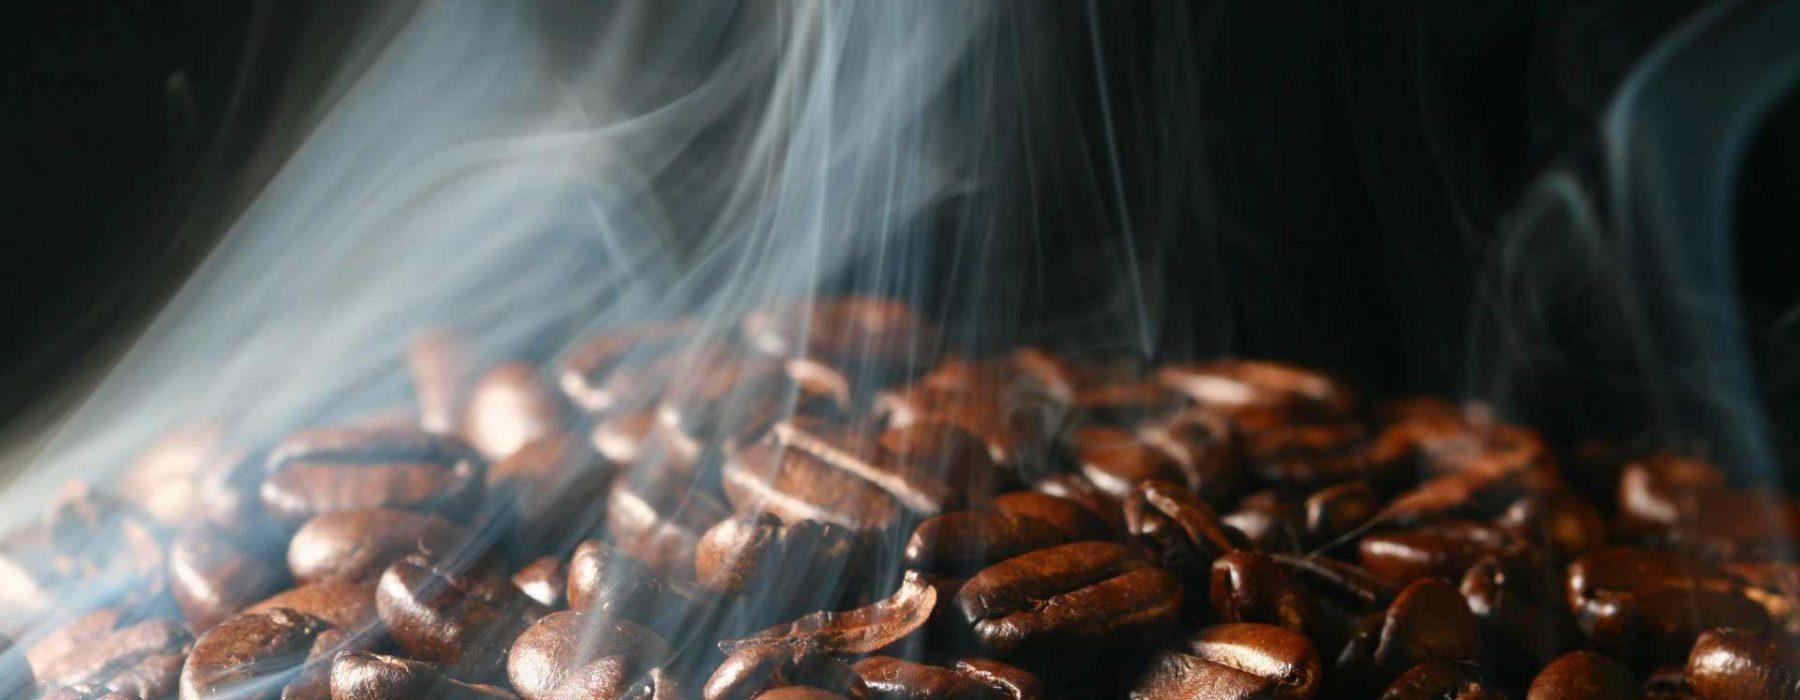 Aus der handwerklichen Kaffeerösterei der authentischste italienische Kaffee